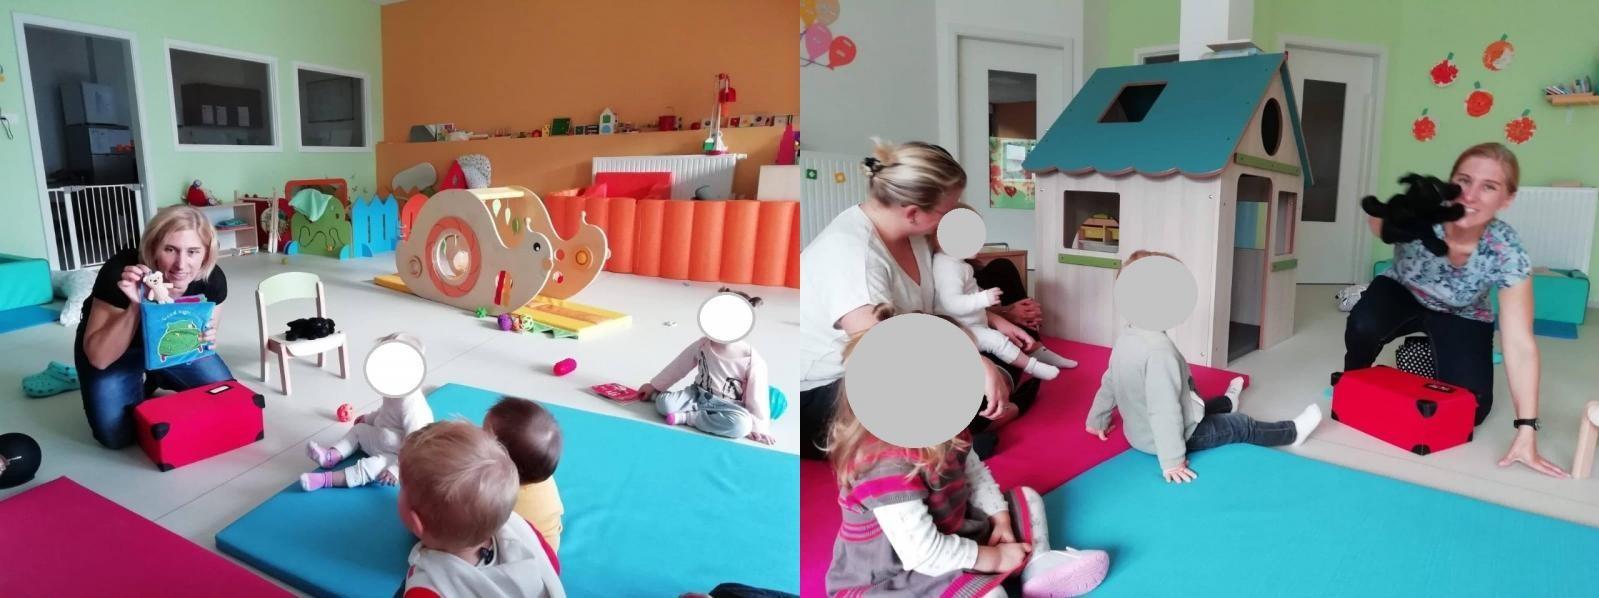 Kids jr3 2 photos